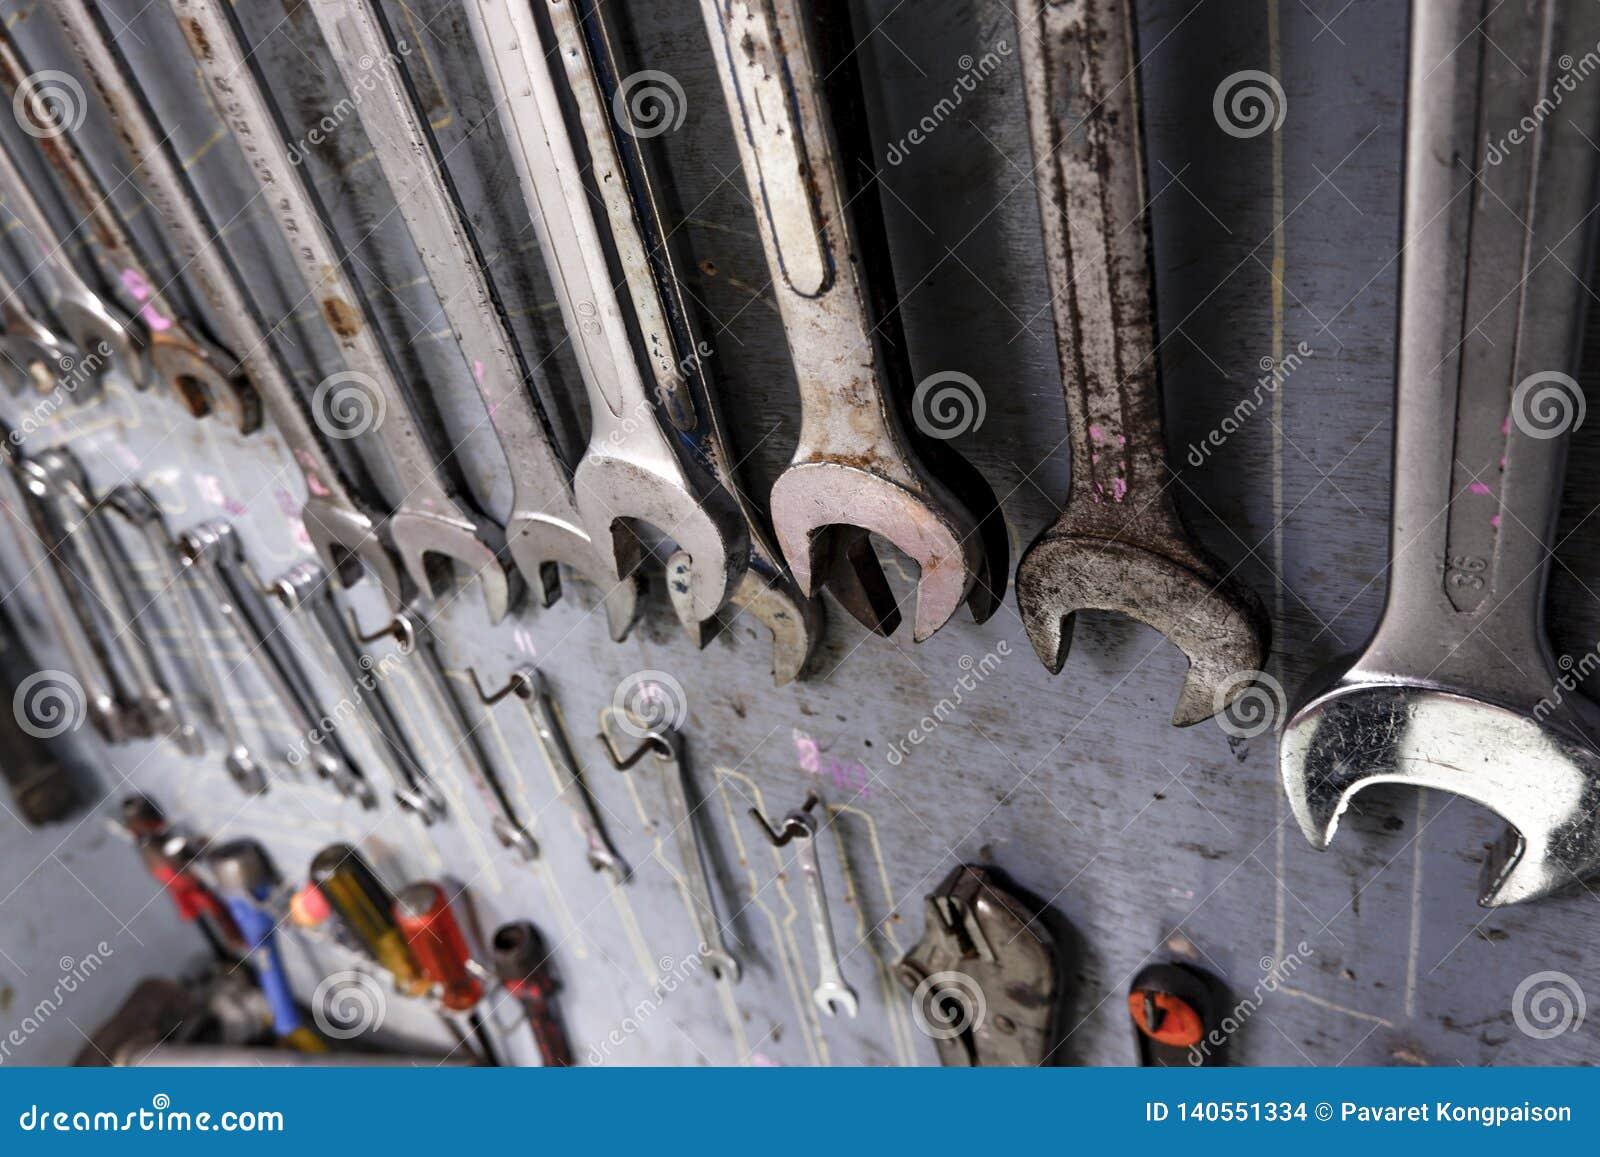 修理工业工作的设备有很多的工具柜